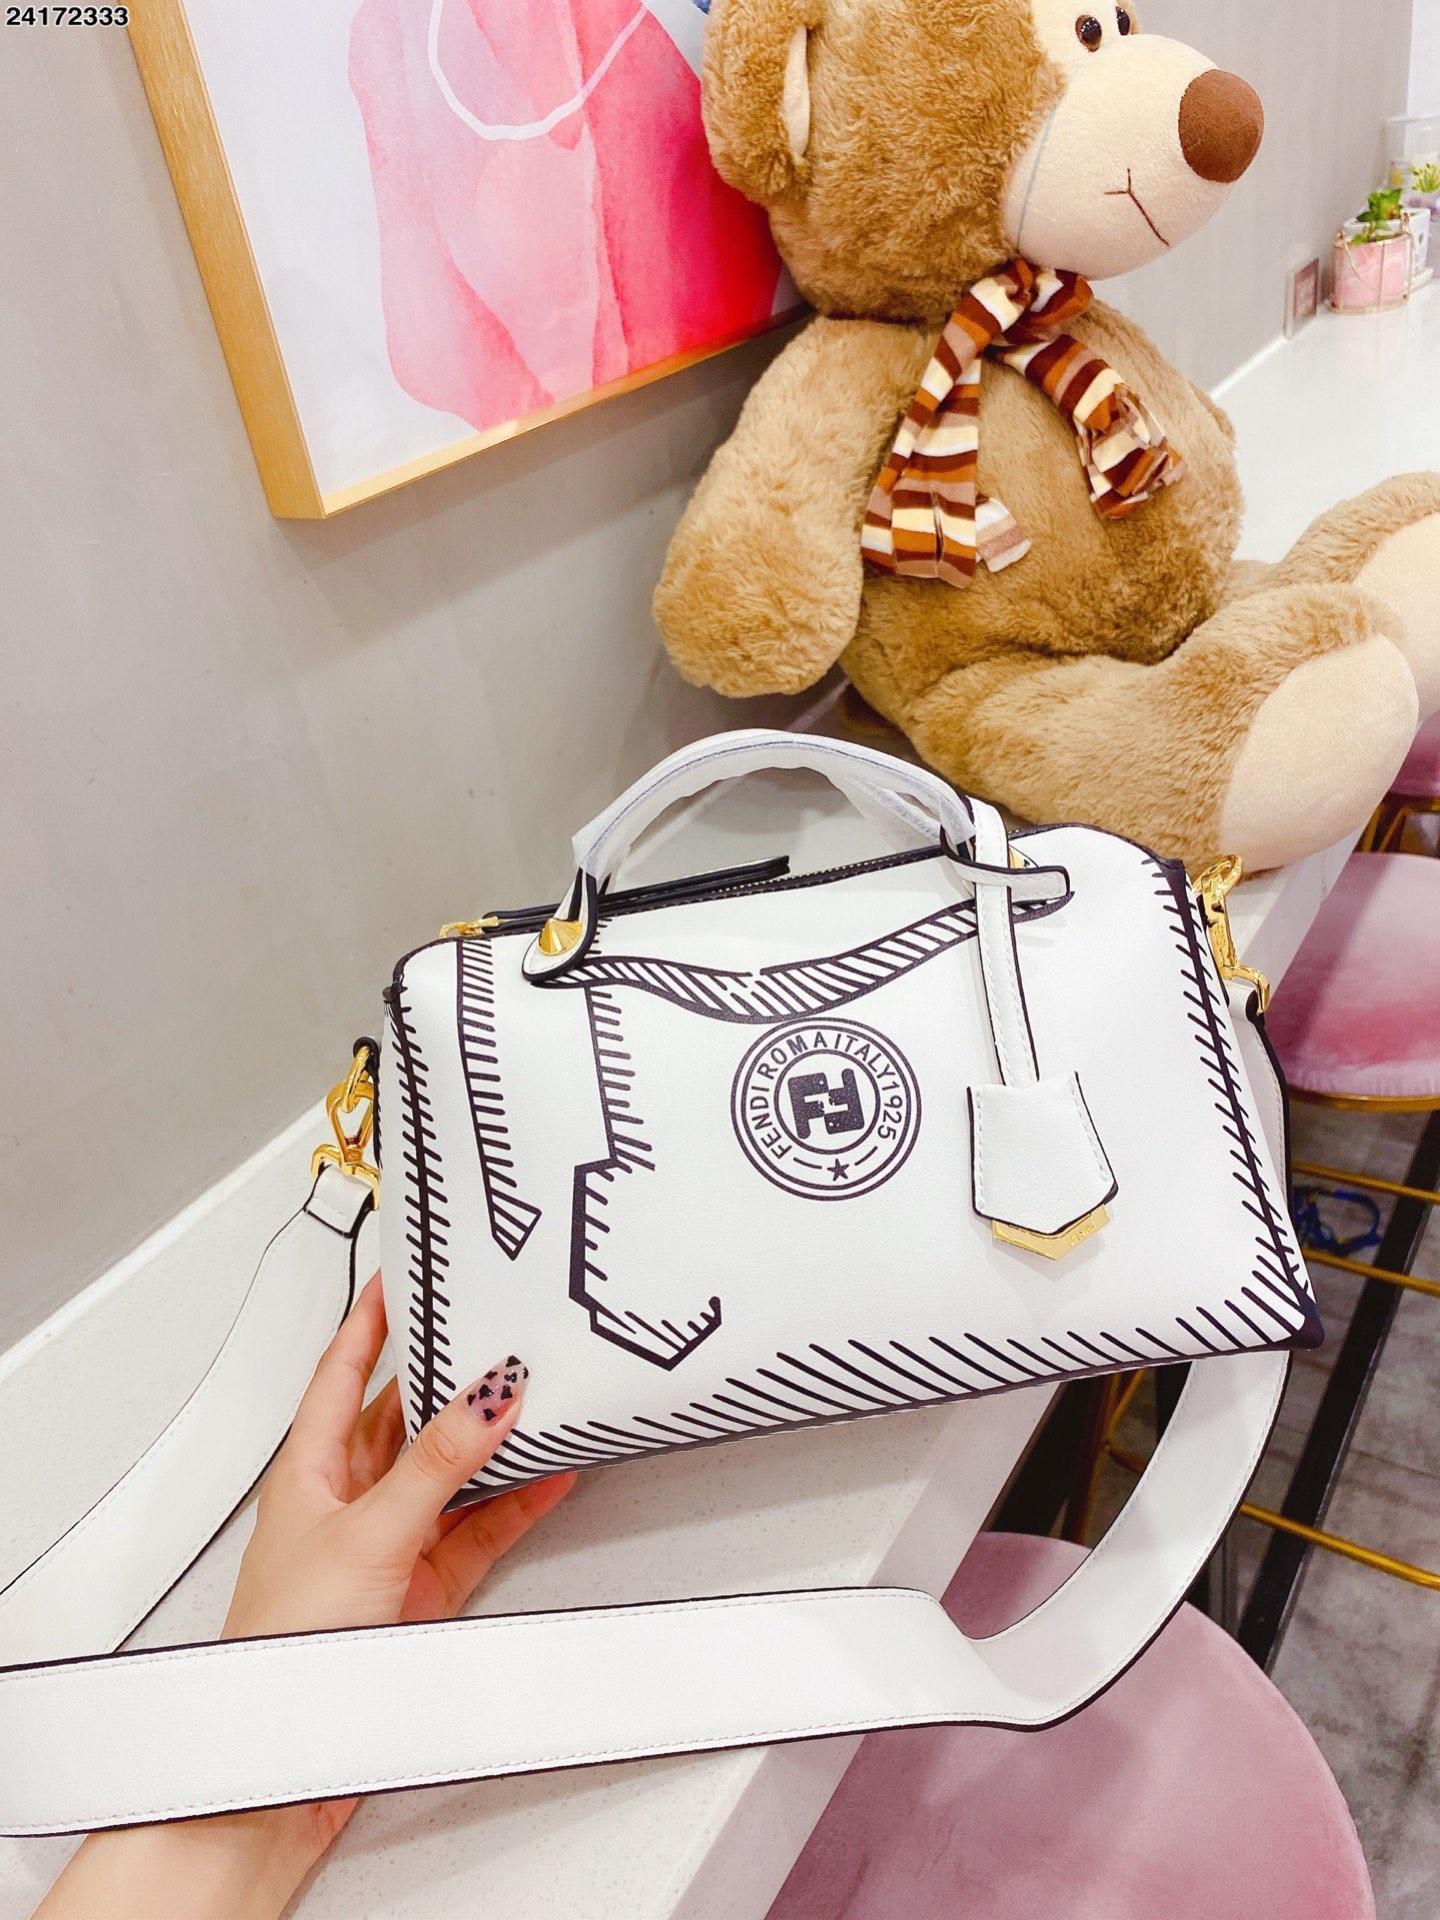 bolsas de alta calidad de diseño del embrague bolsos de lujo bolsos de diseño diseñador de bolsos de lujo de totalizador del bolso de cuero bolsa de hombro FJ077